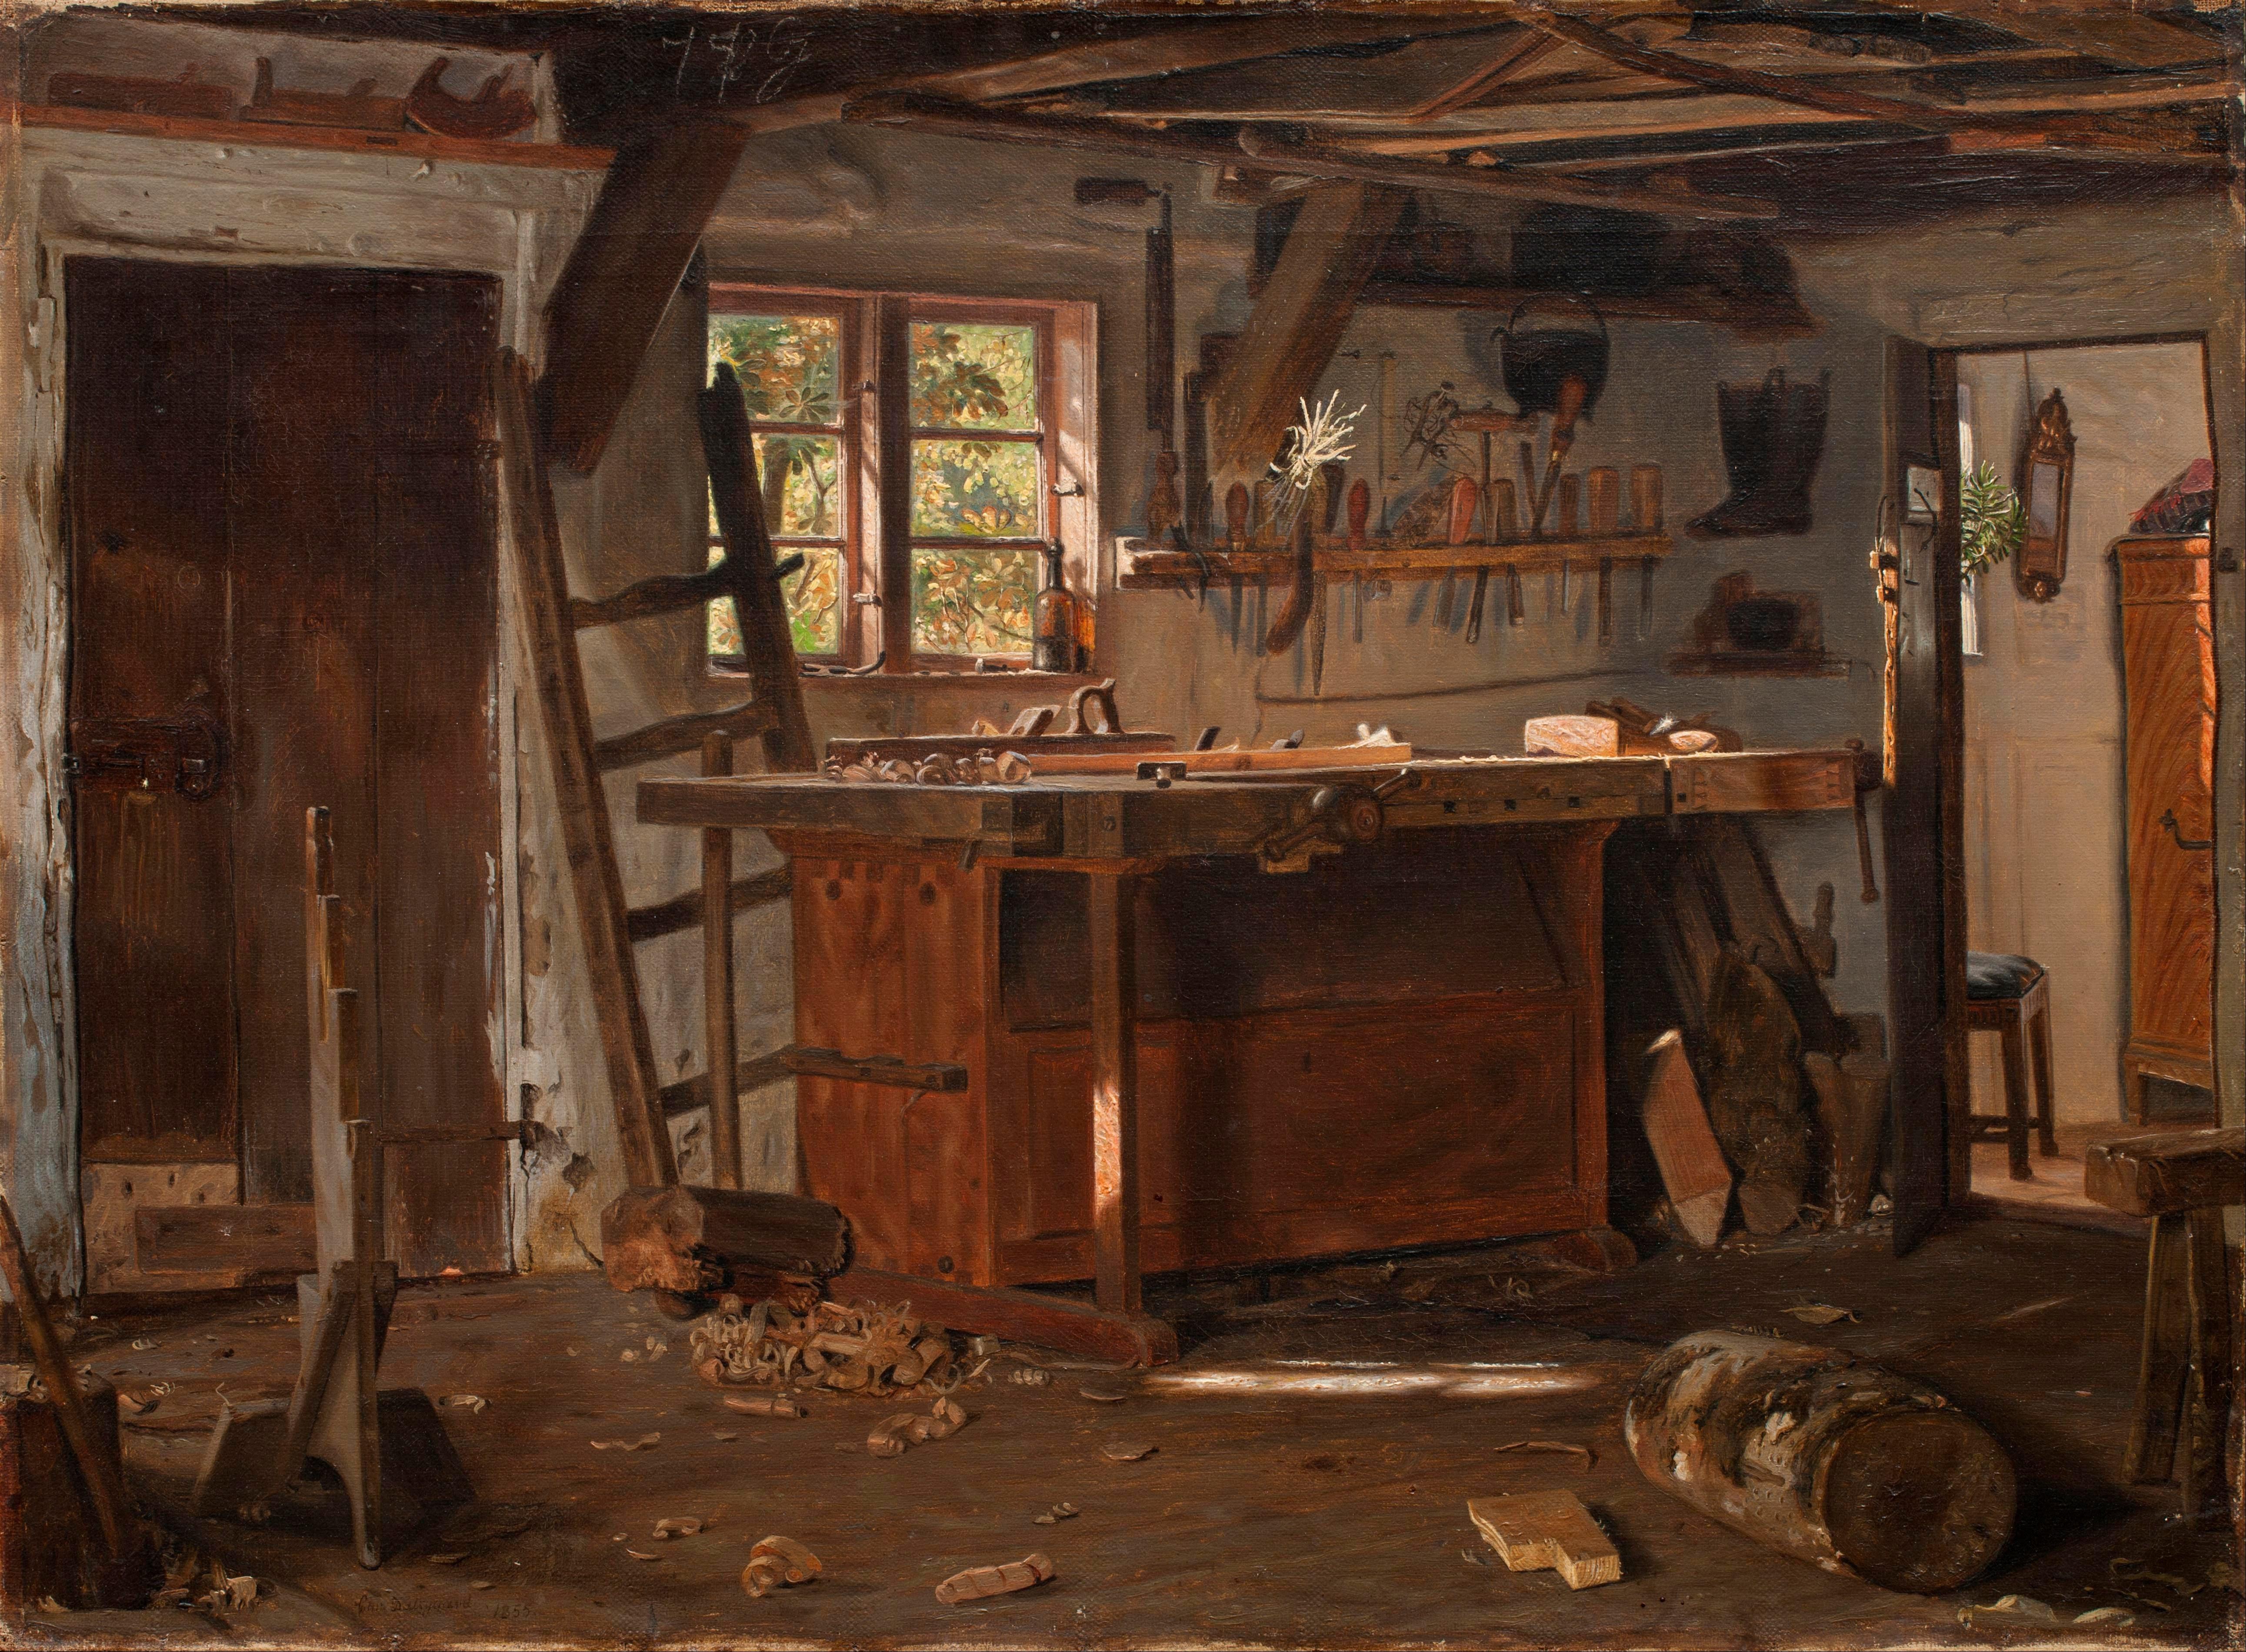 File:Christen Dalsgaard - A carpenter's workshop - Google